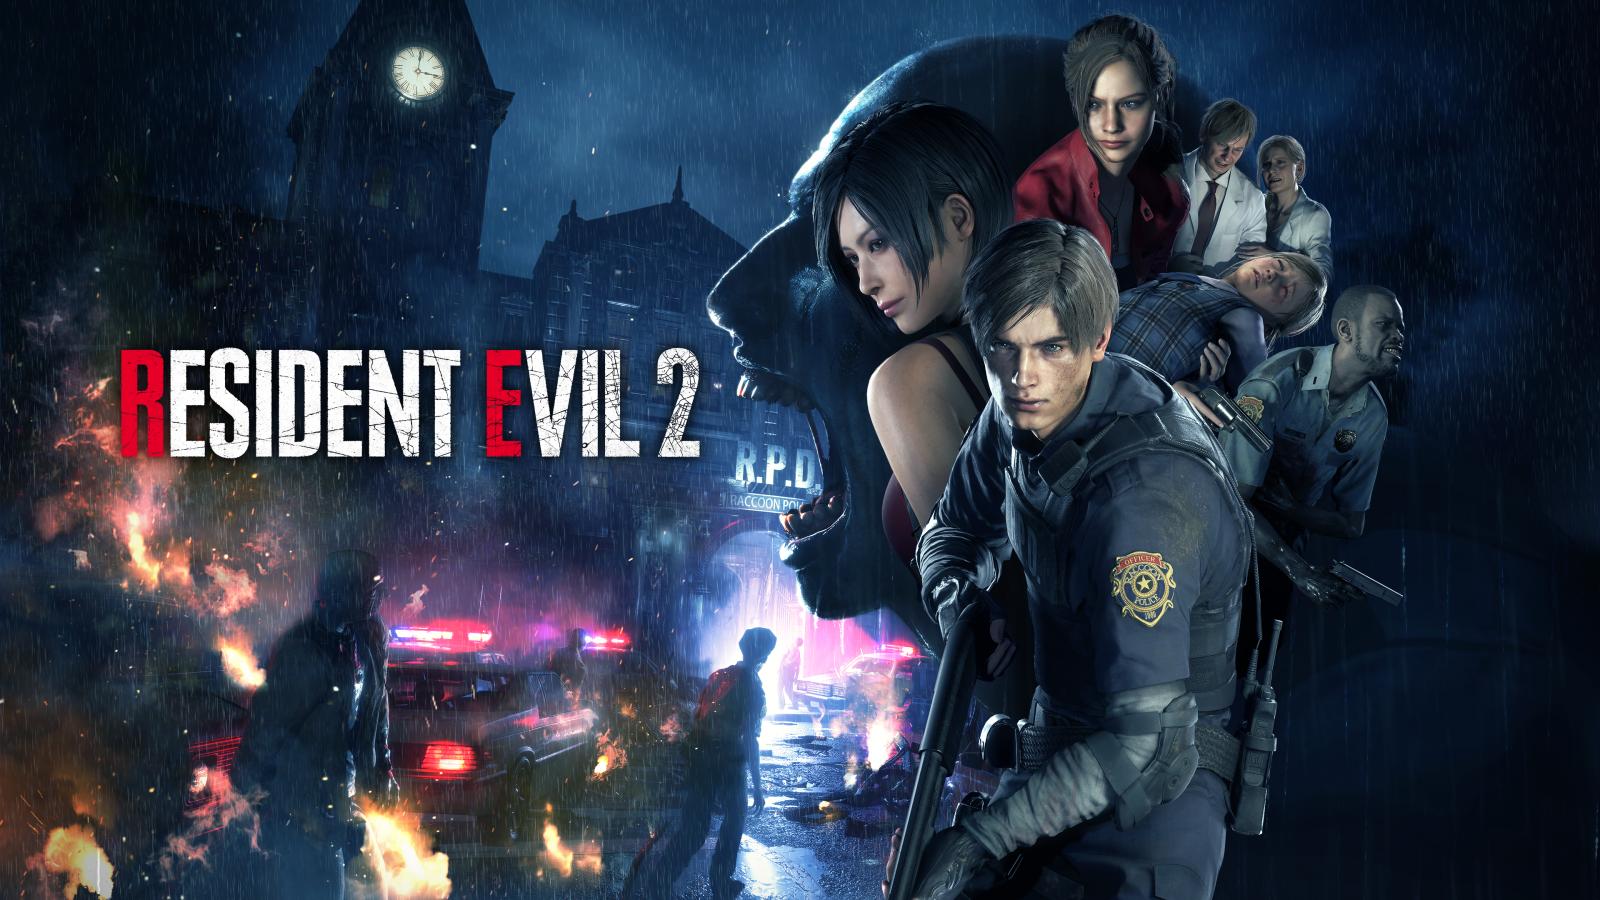 Resident Evil 2 Wallpaper: Wallpaper : Resident Evil 2 Remake, Horror, Capcom